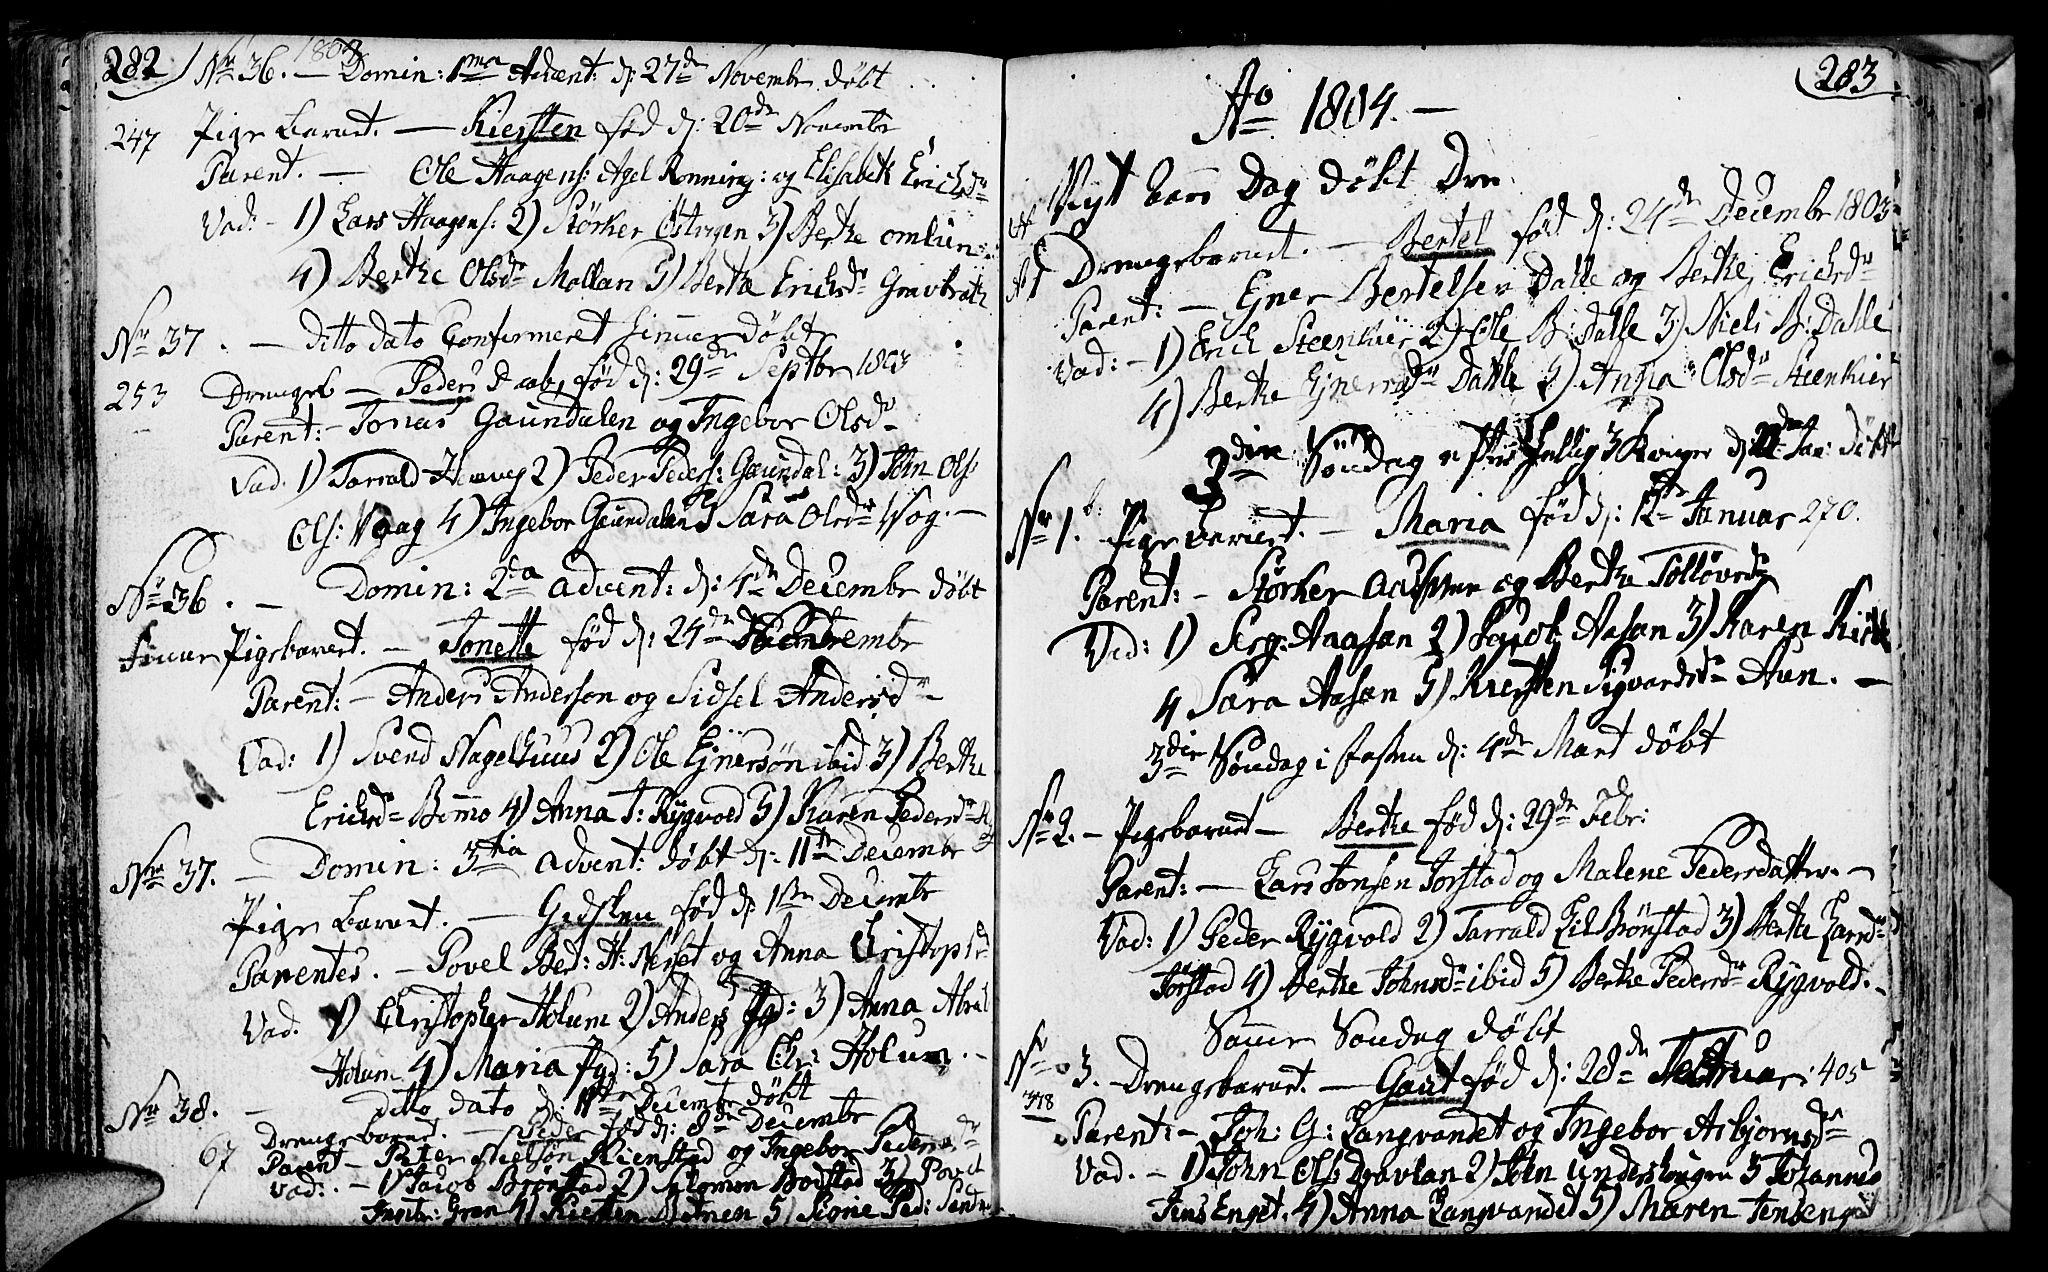 SAT, Ministerialprotokoller, klokkerbøker og fødselsregistre - Nord-Trøndelag, 749/L0468: Ministerialbok nr. 749A02, 1787-1817, s. 282-283